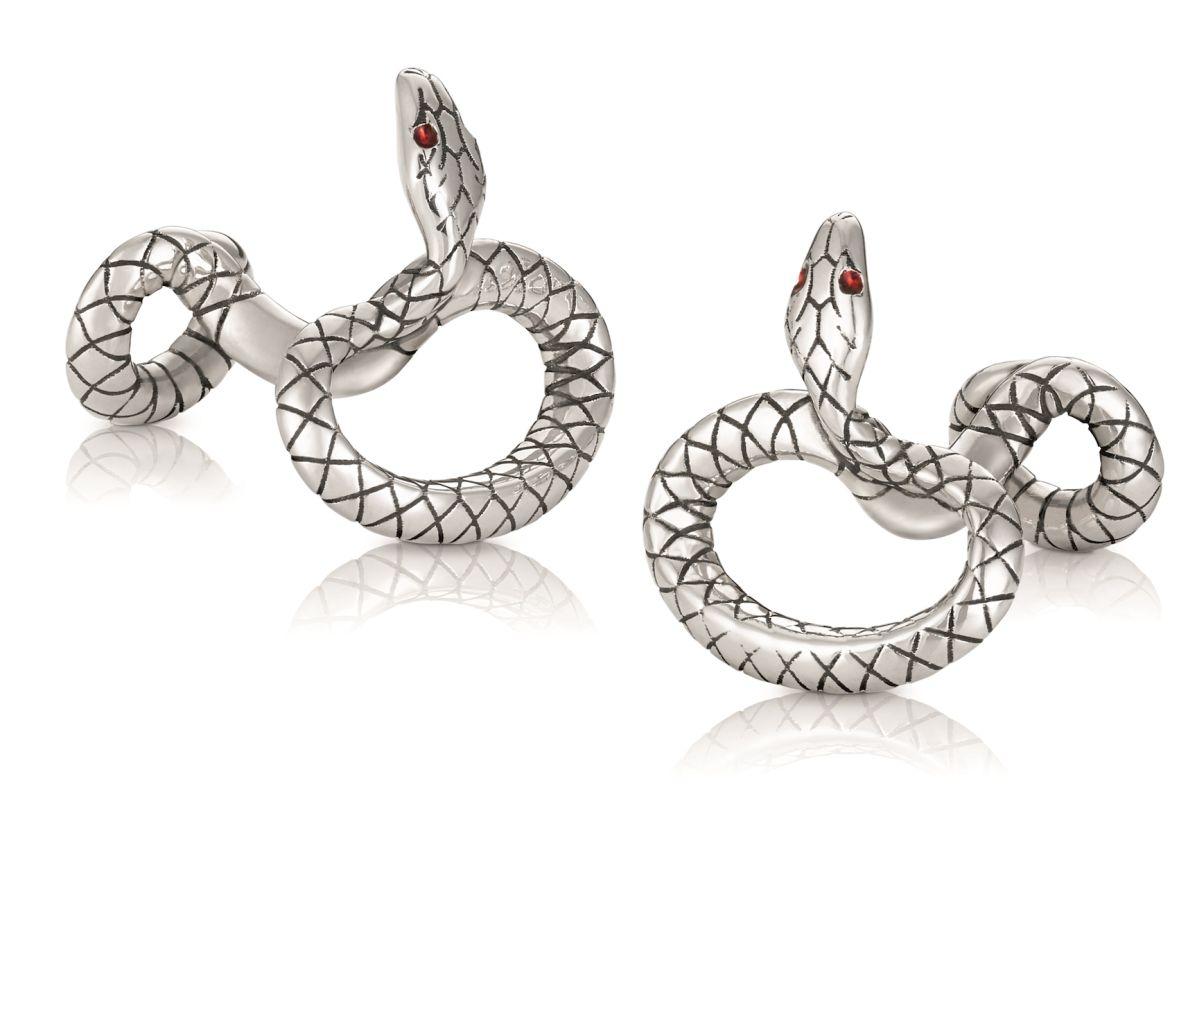 Montblanc_silver cufflinks_12300 Kc